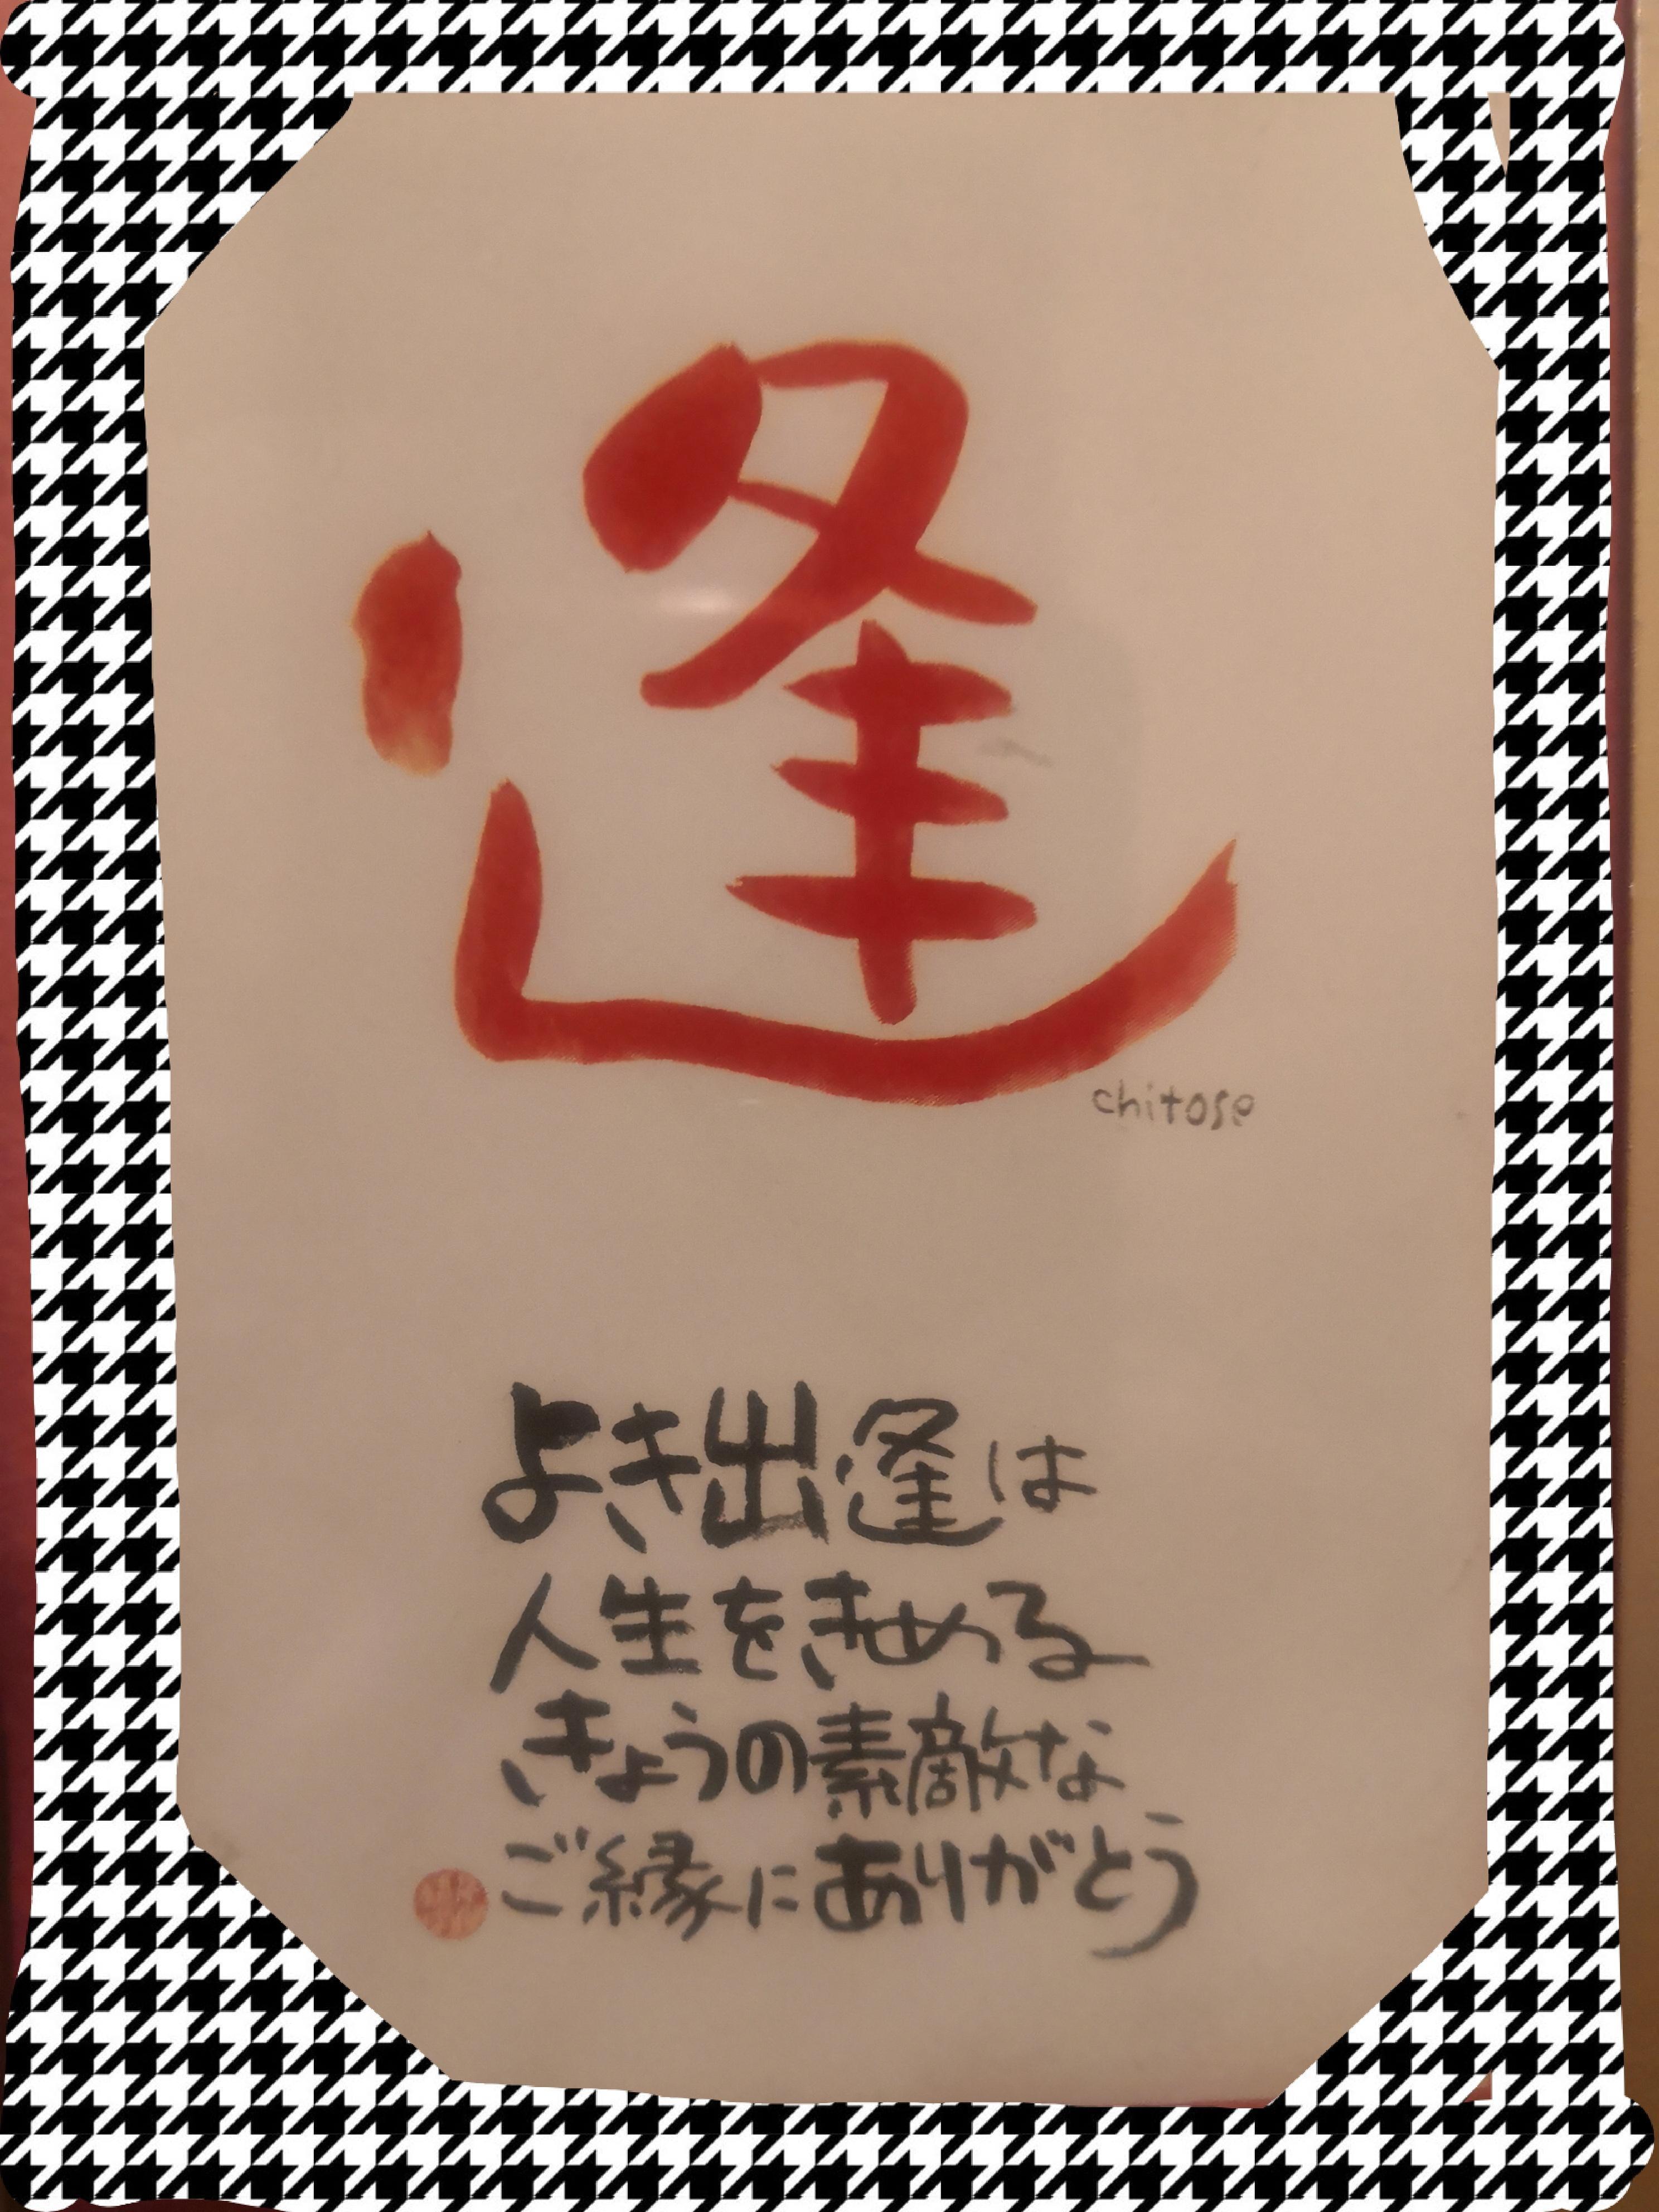 「(=^・^=)お礼」05/09(日) 21:46 | れいの写メ日記